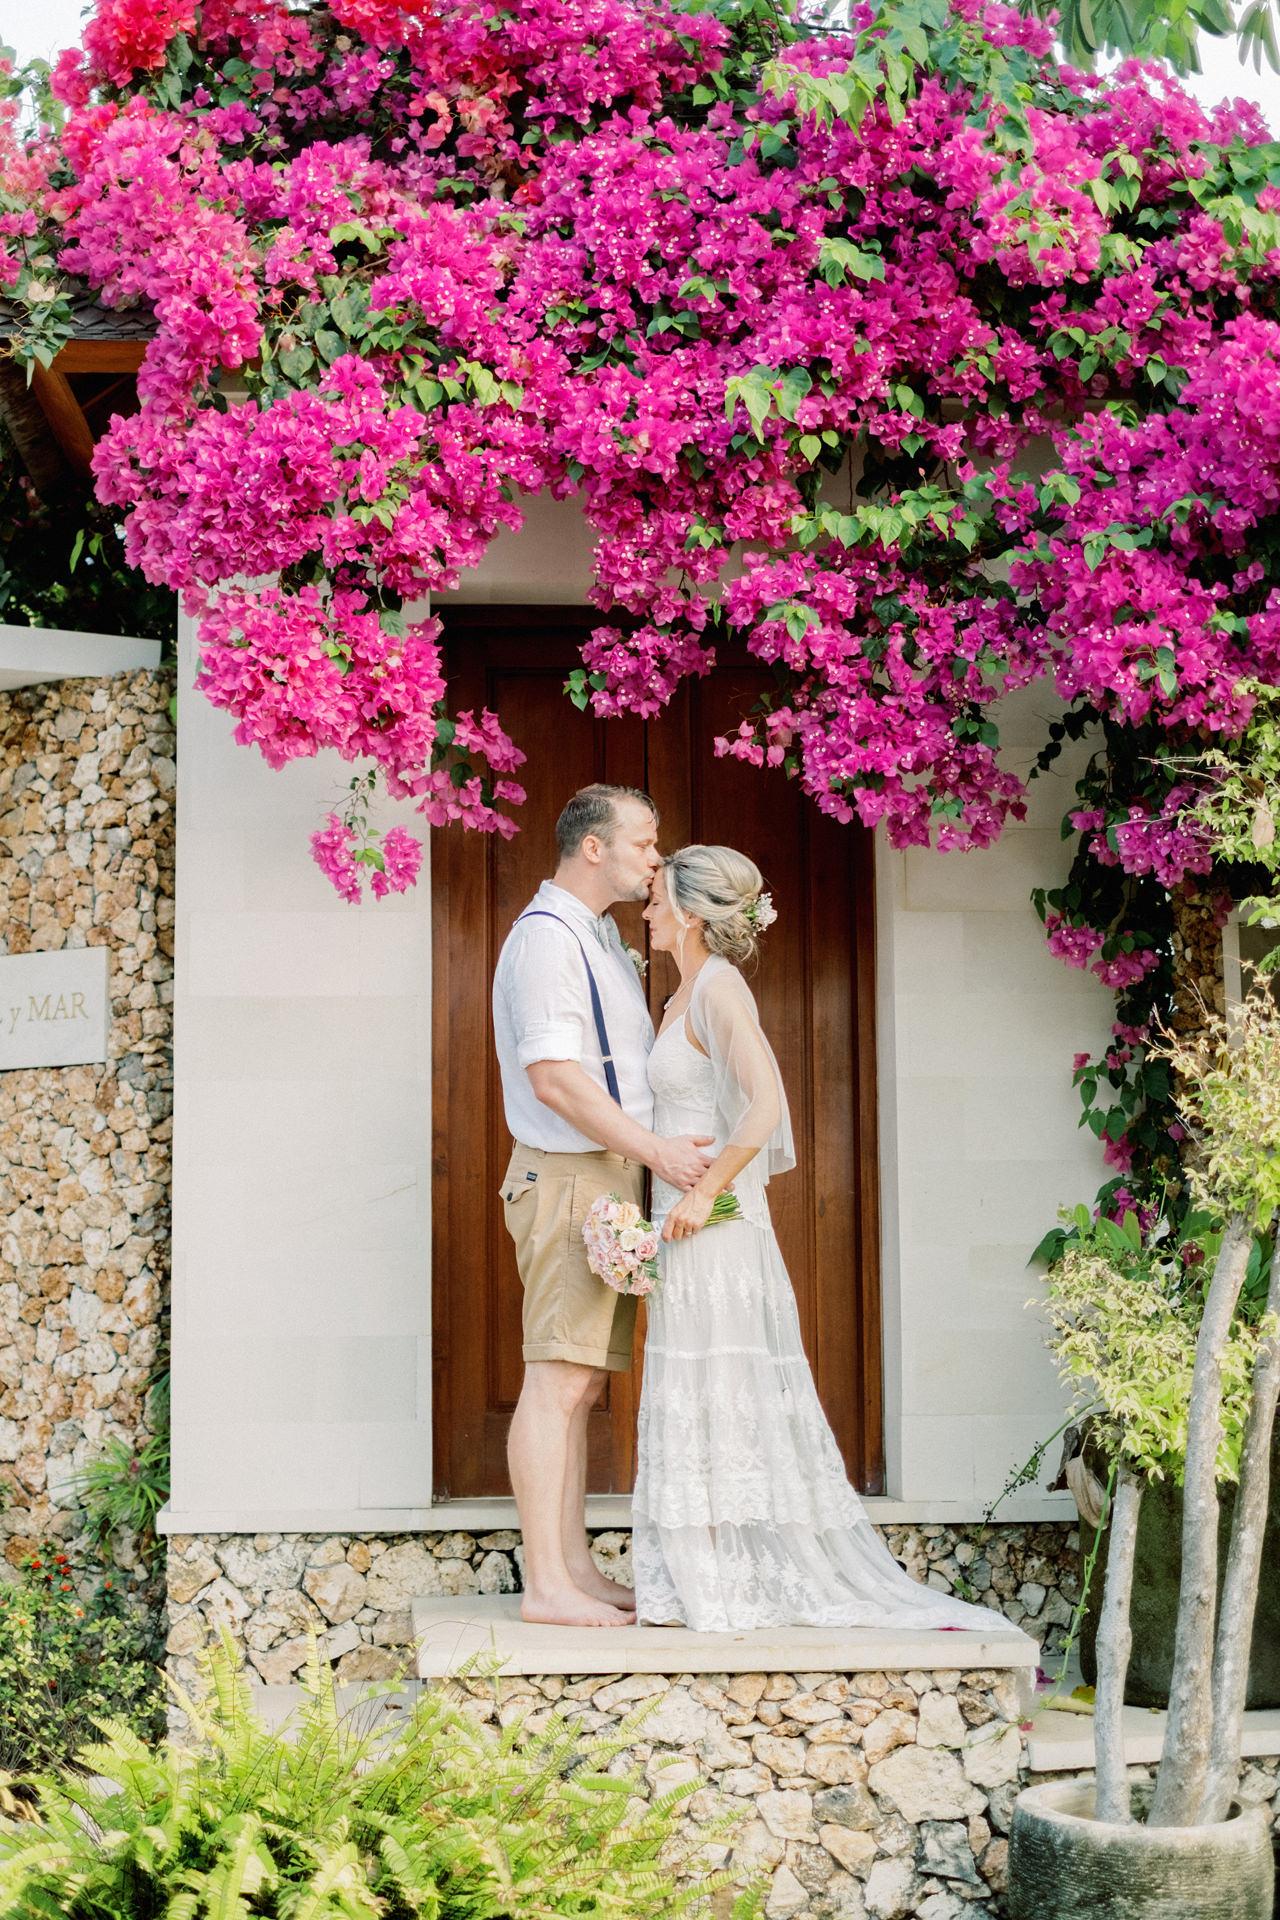 Sol y Mar - Bali Cliff-top Wedding 39